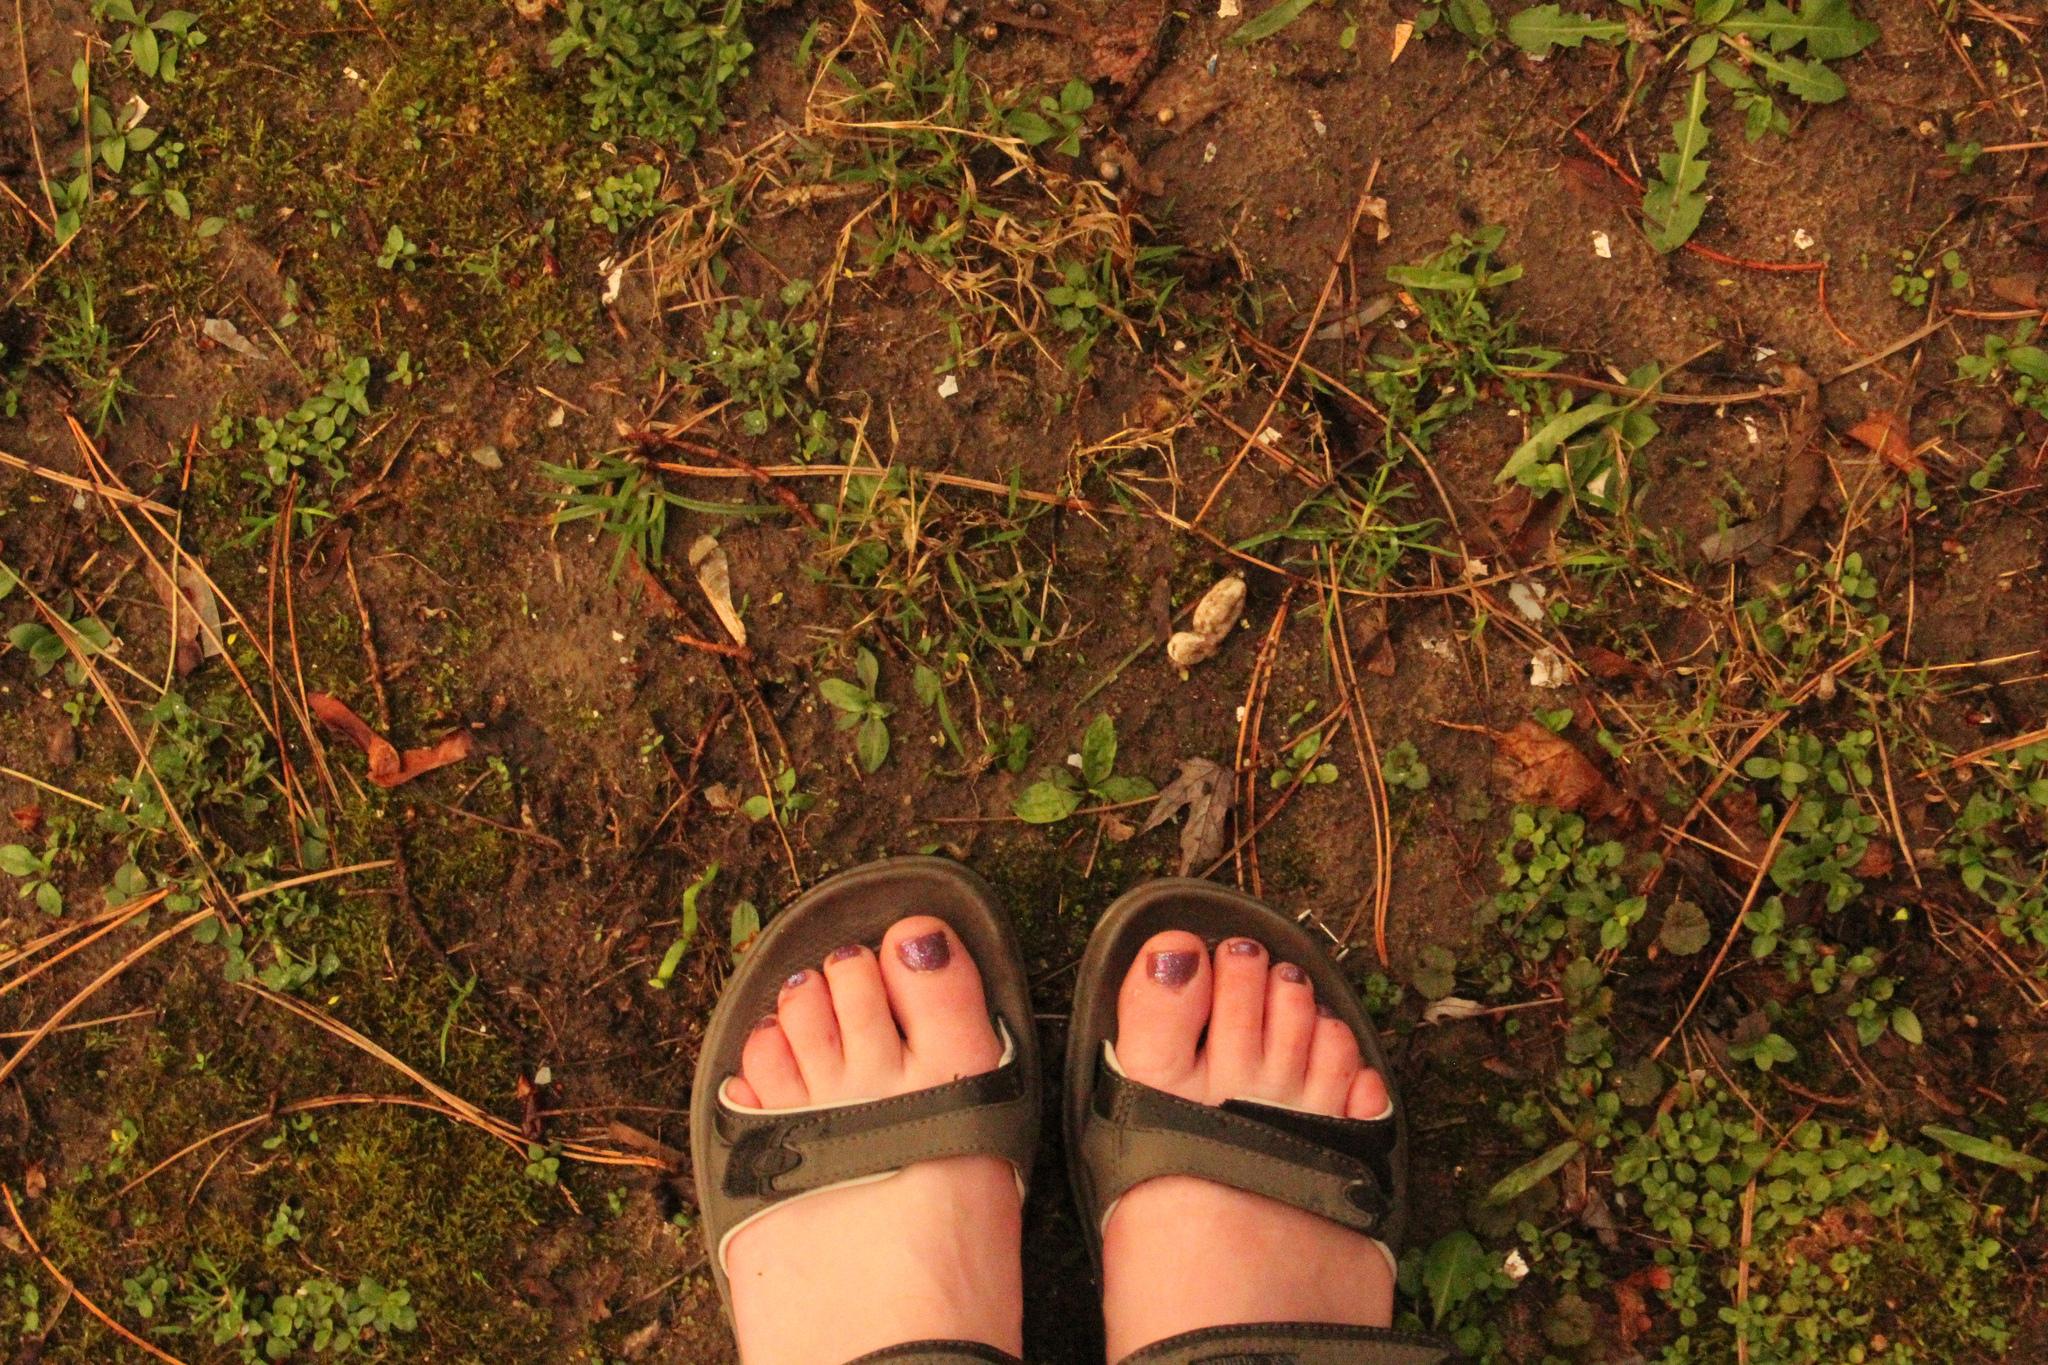 Stephanie Onderchanin, 'Feet', Flickr, Creative Commons